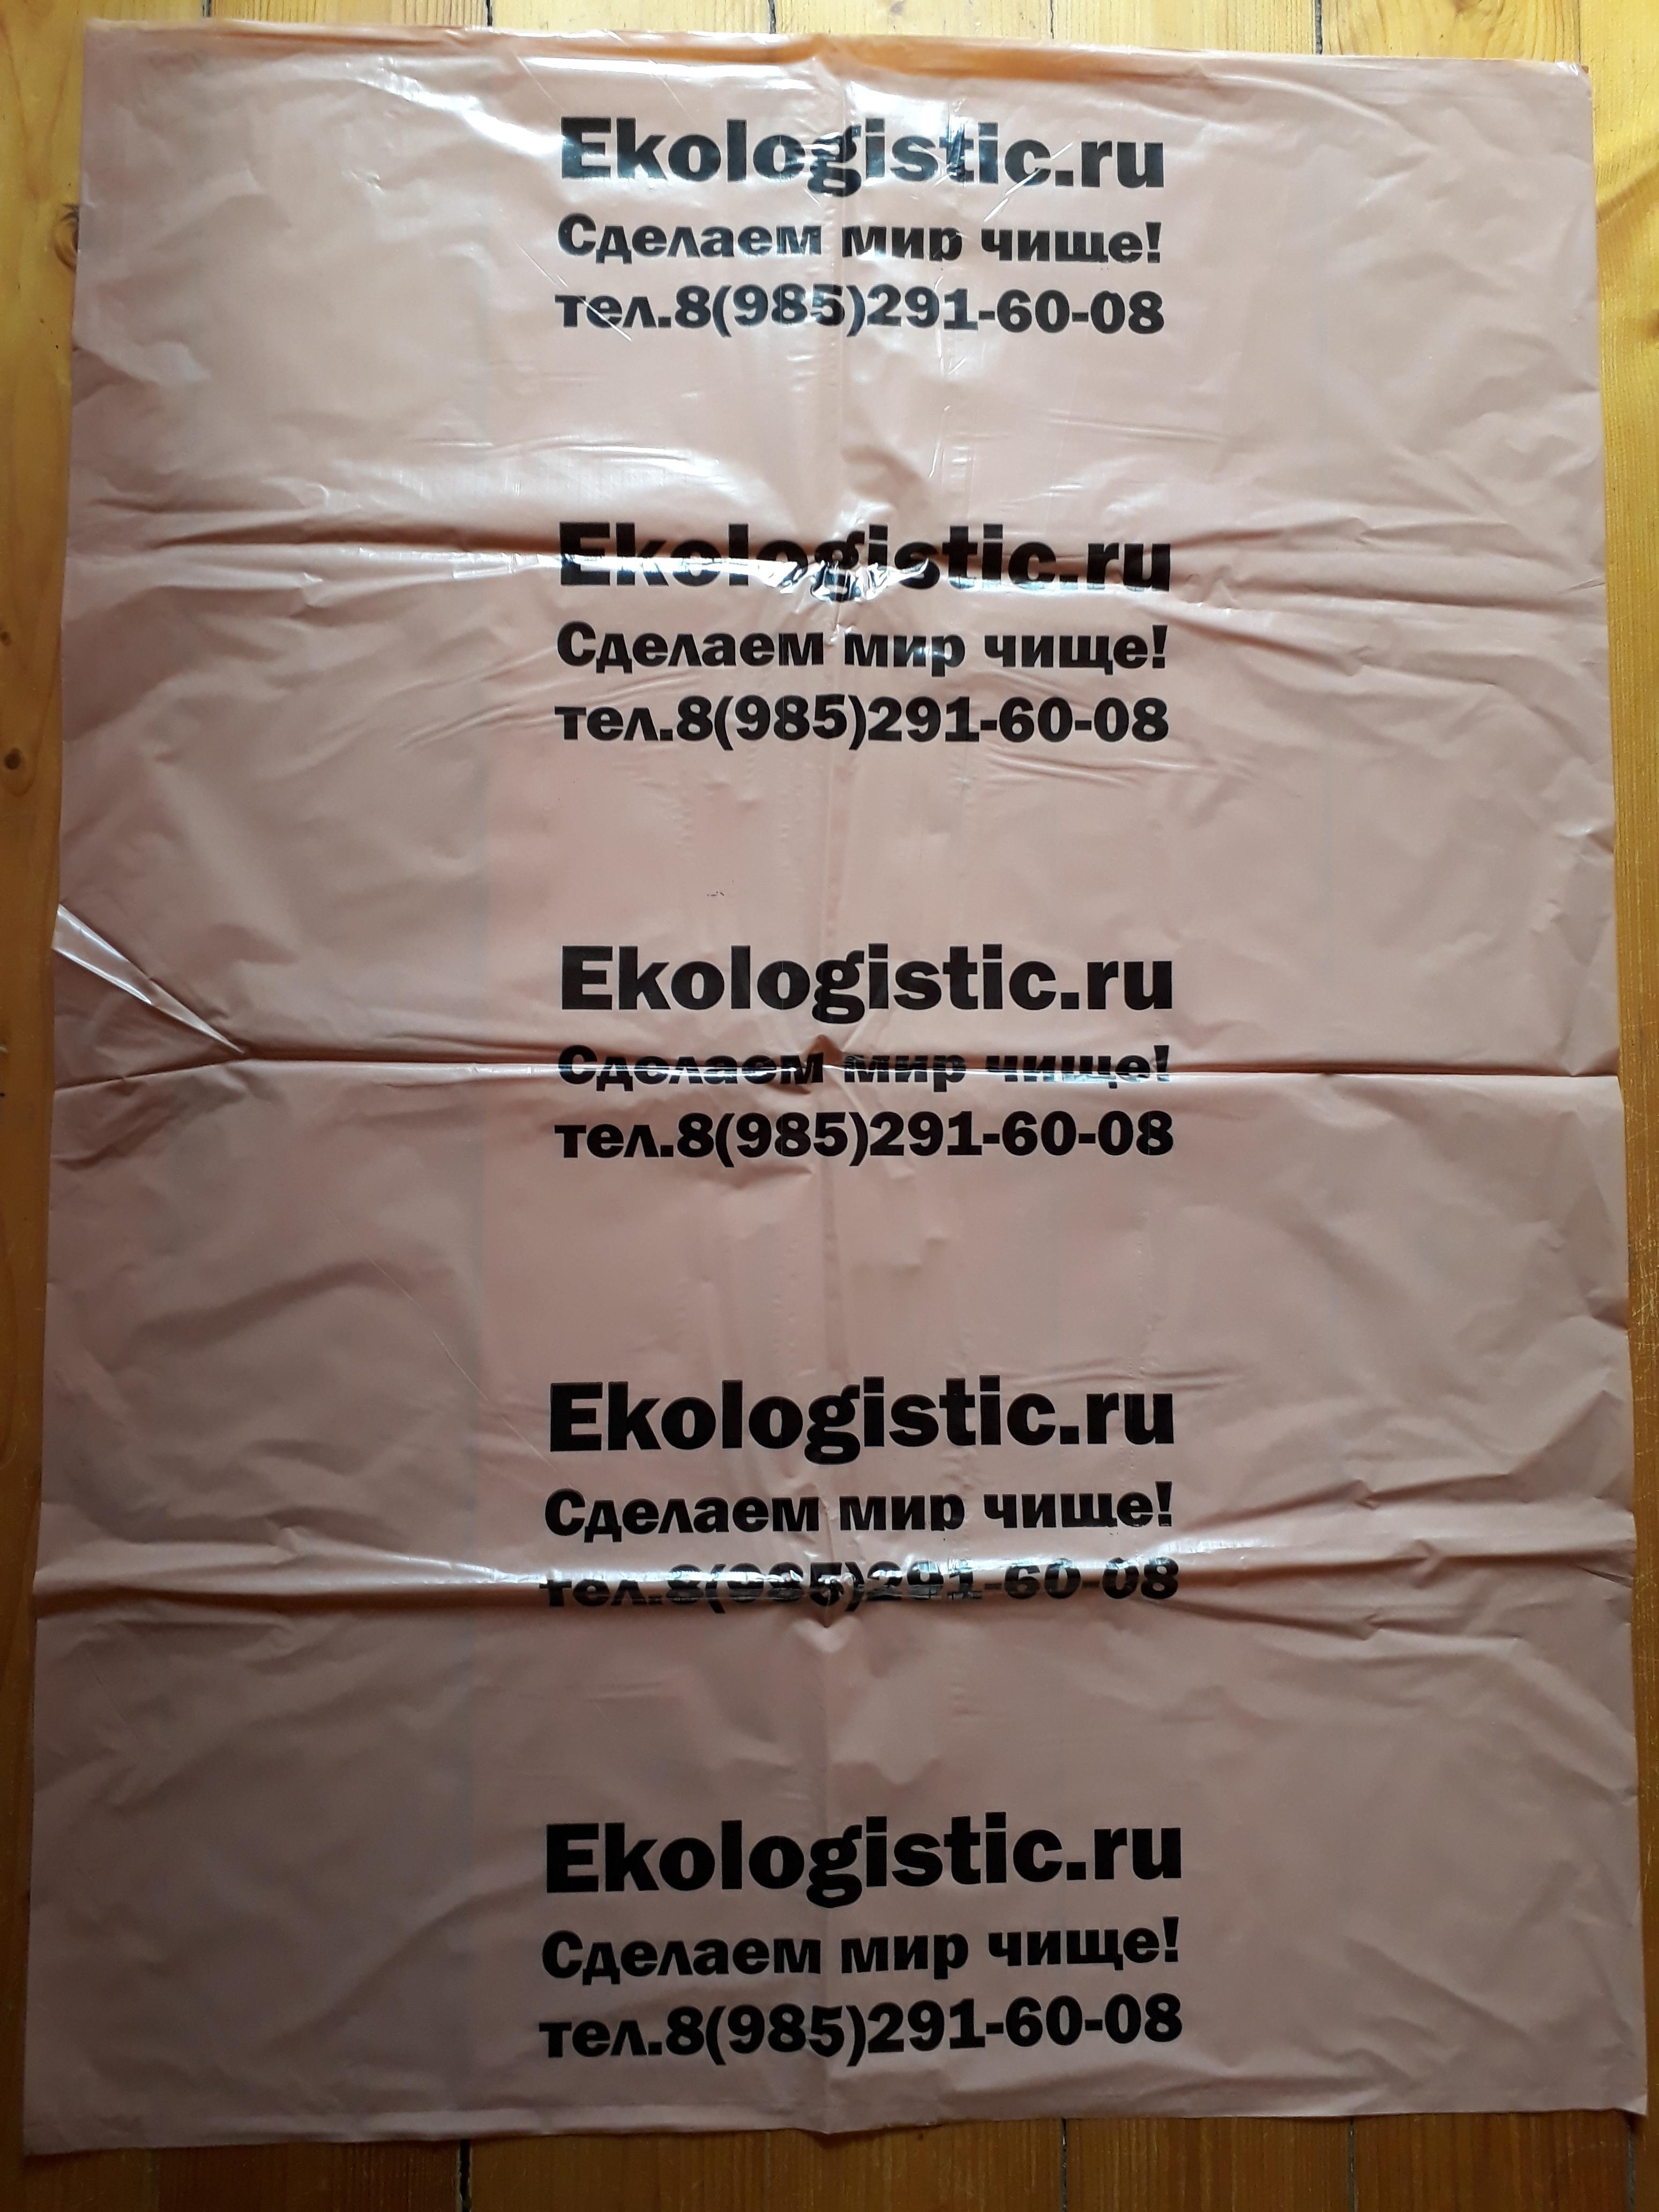 Мусорный пакет со специальной маркировкой компании ЭКОЛОГИСТИК